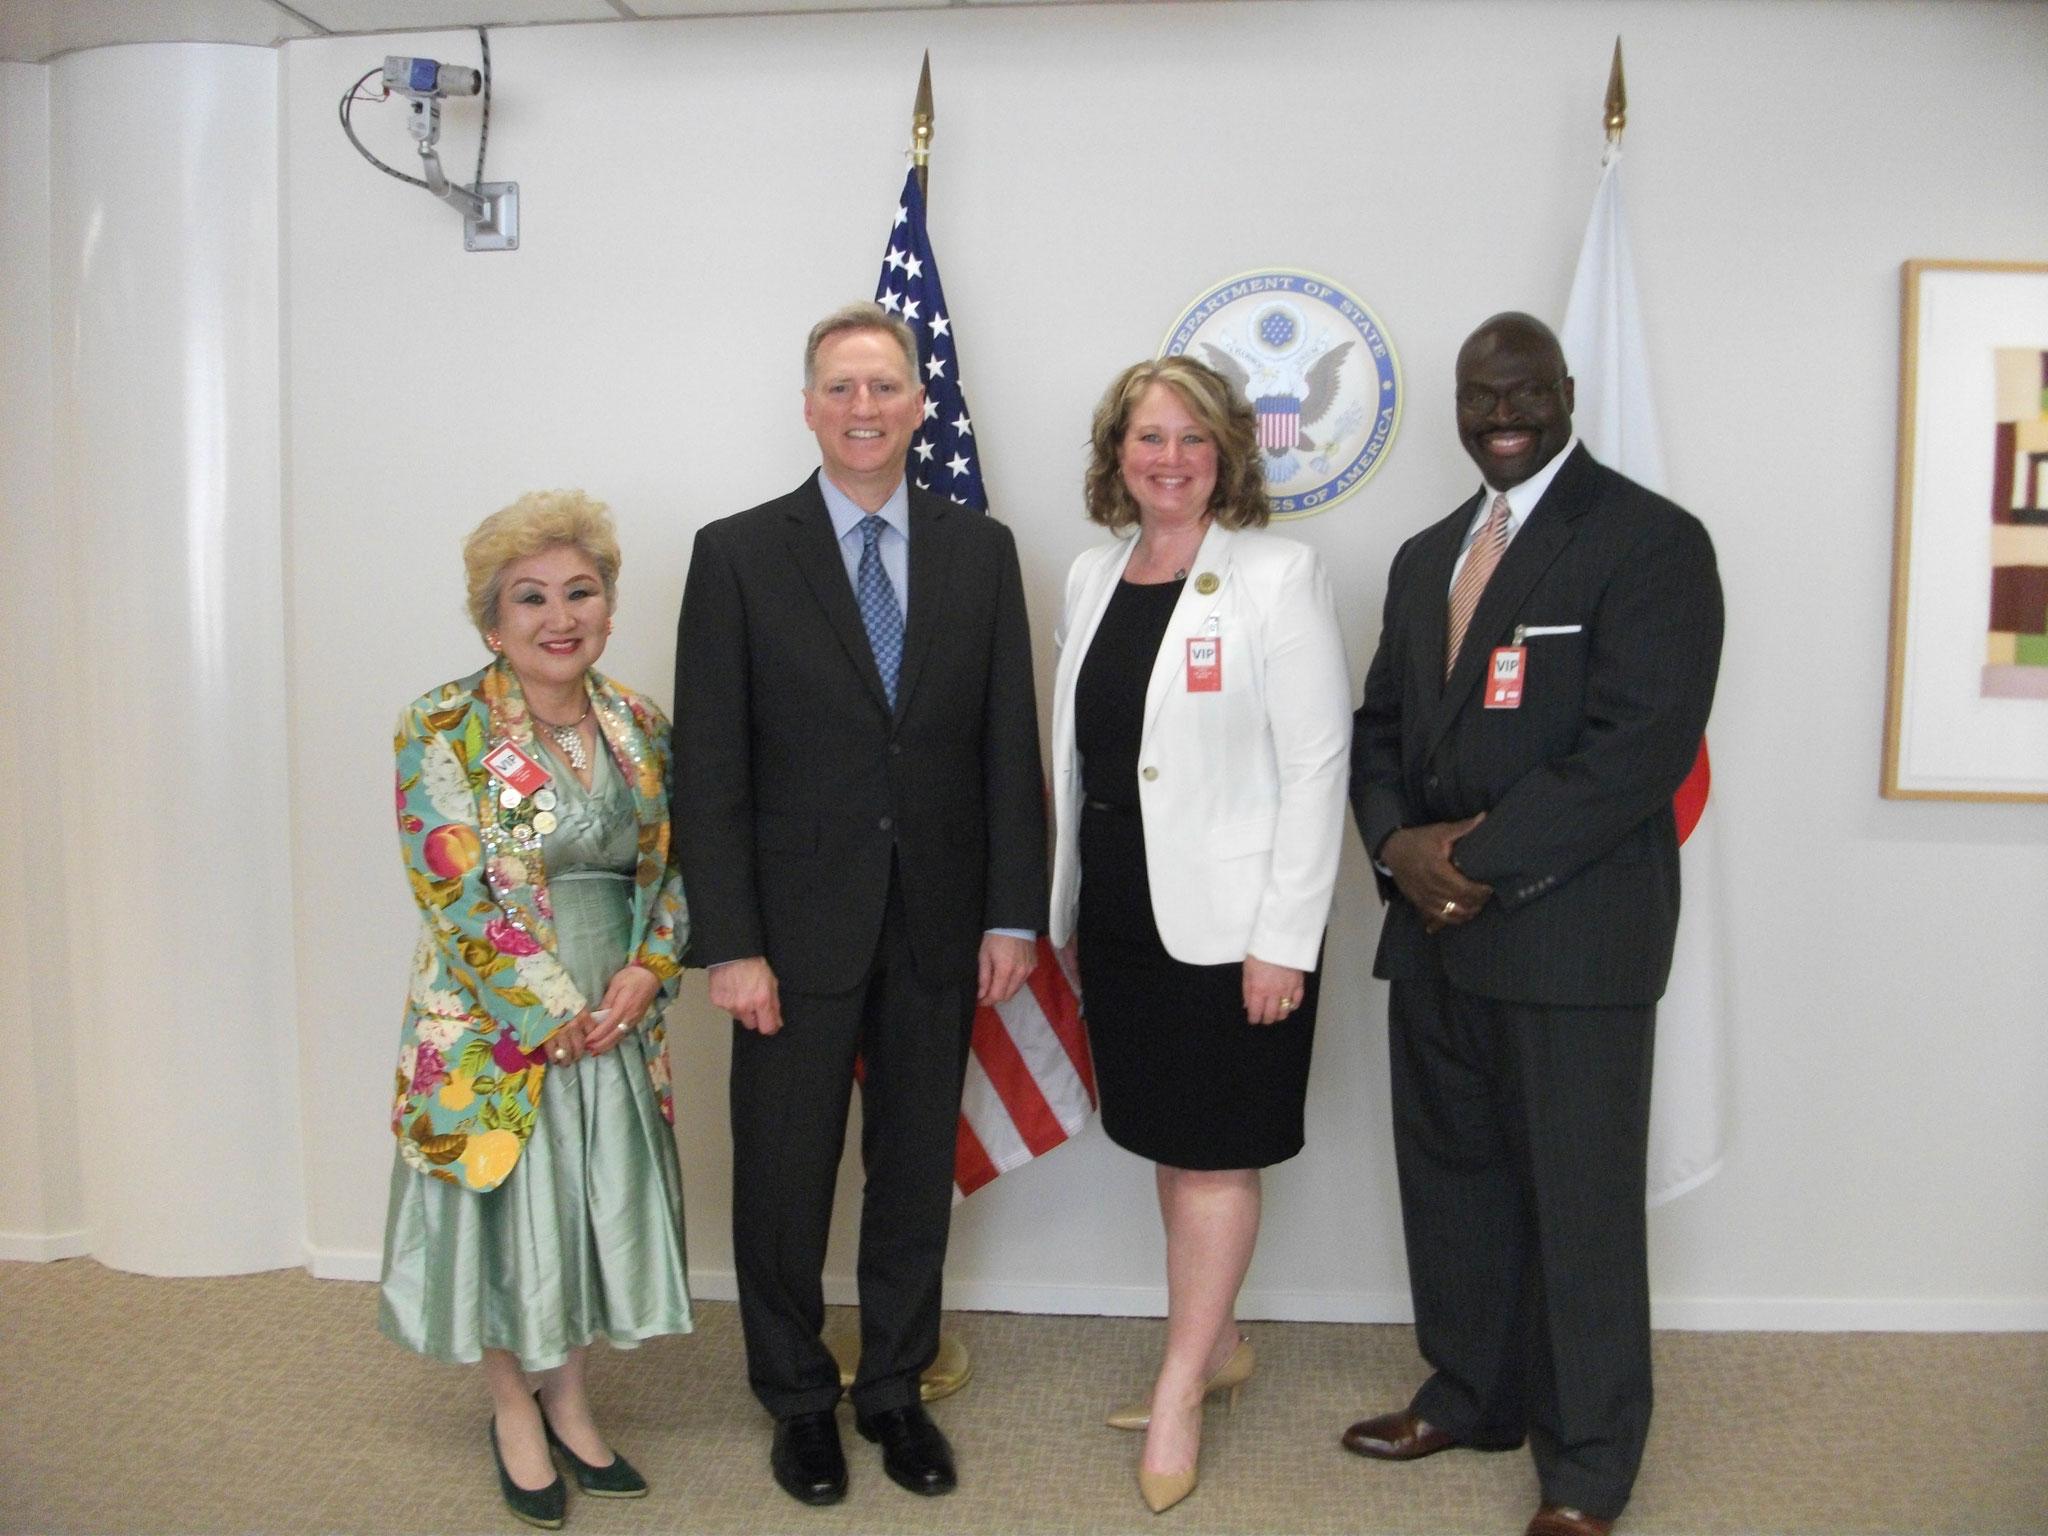 2017年4月アメリカ大使館表敬訪問                    (左から鎌田滋子ガバナー 大使館ヤング筆頭公使 フェイス会長ご夫妻)